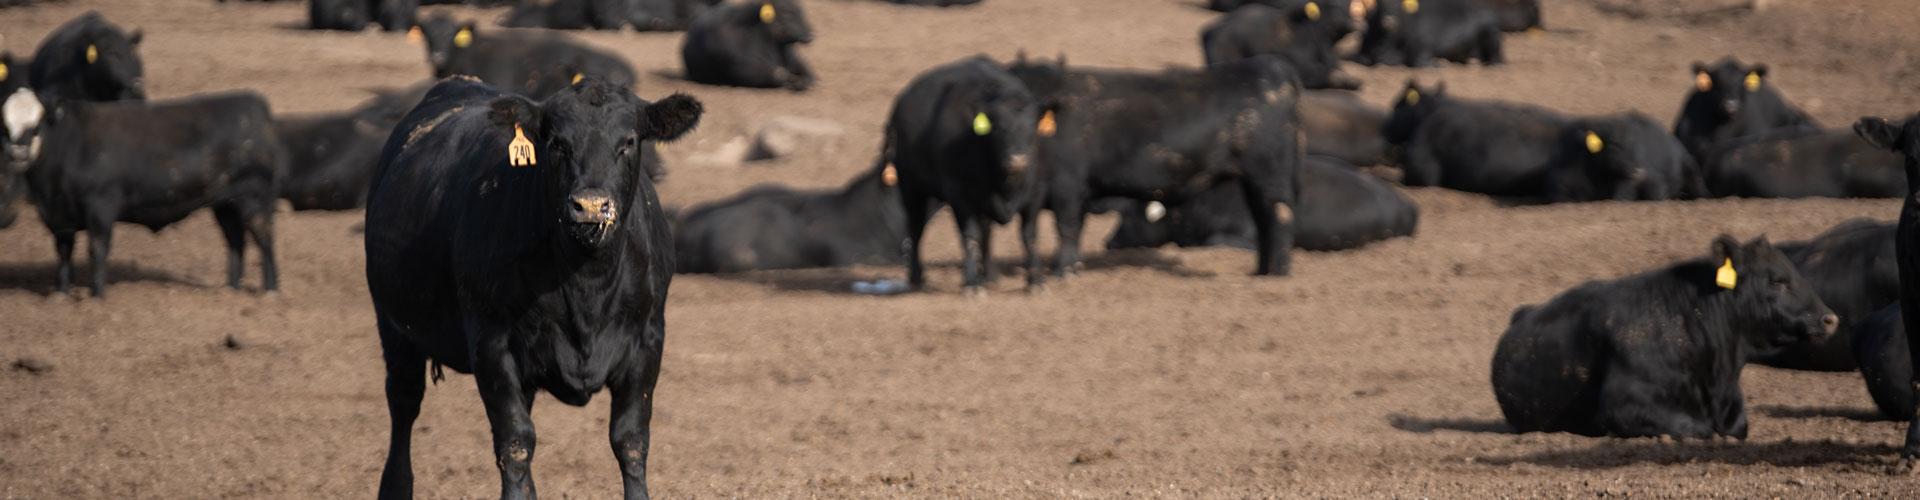 feedyard cattle